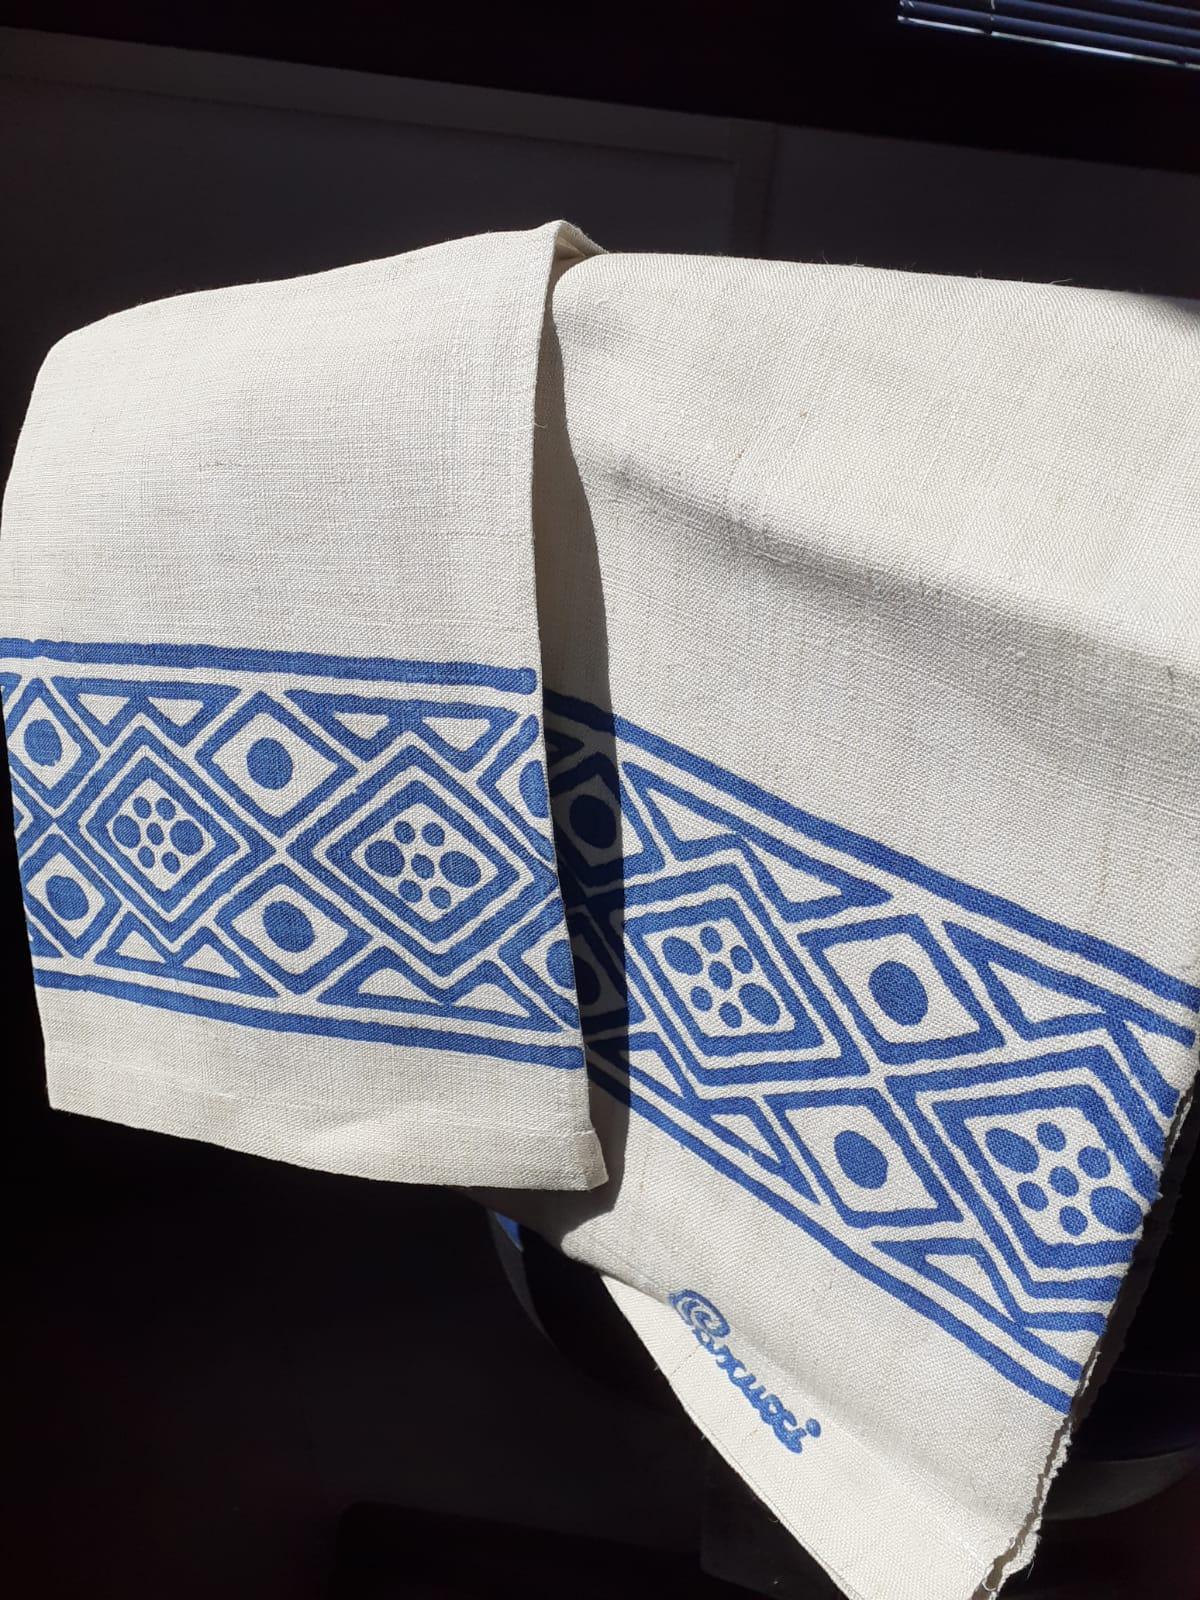 <B style='color:red'>SOLO BOLOGNA E PROVINCIA</B> - Set Blu bagno eleganti, stampati a mano Pascucci - asciugamano grande 70x110 asciugamano piccolo 45x65